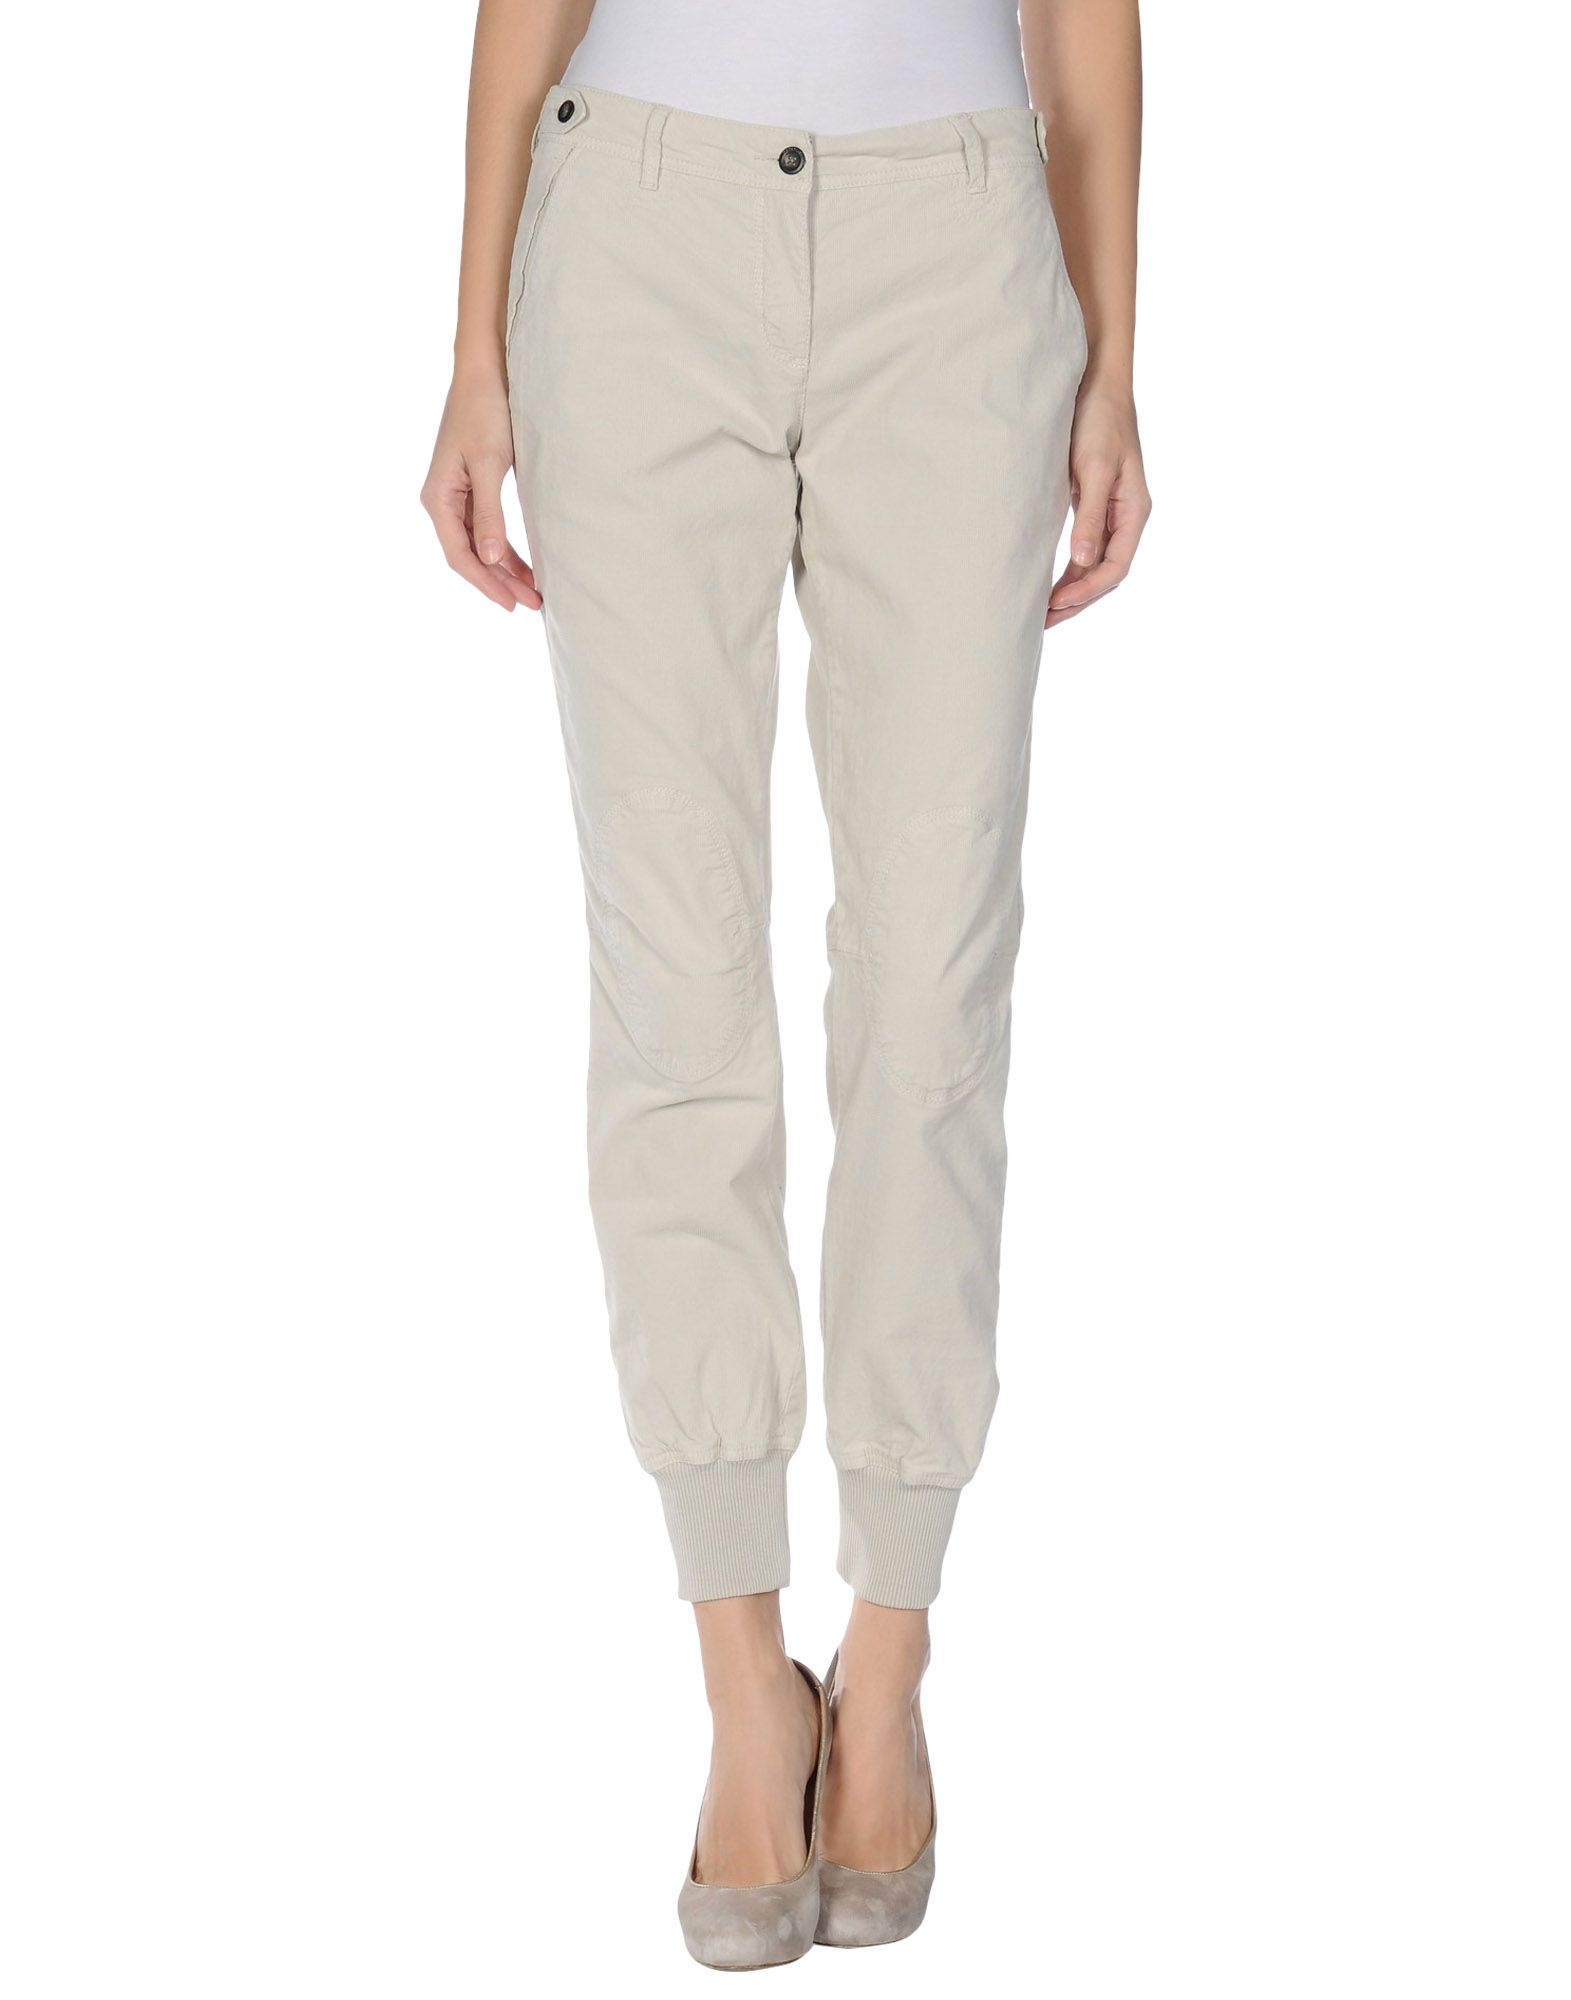 Book Of Grey Formal Pants For Women In Uk By Benjamin U2013 Playzoa.com